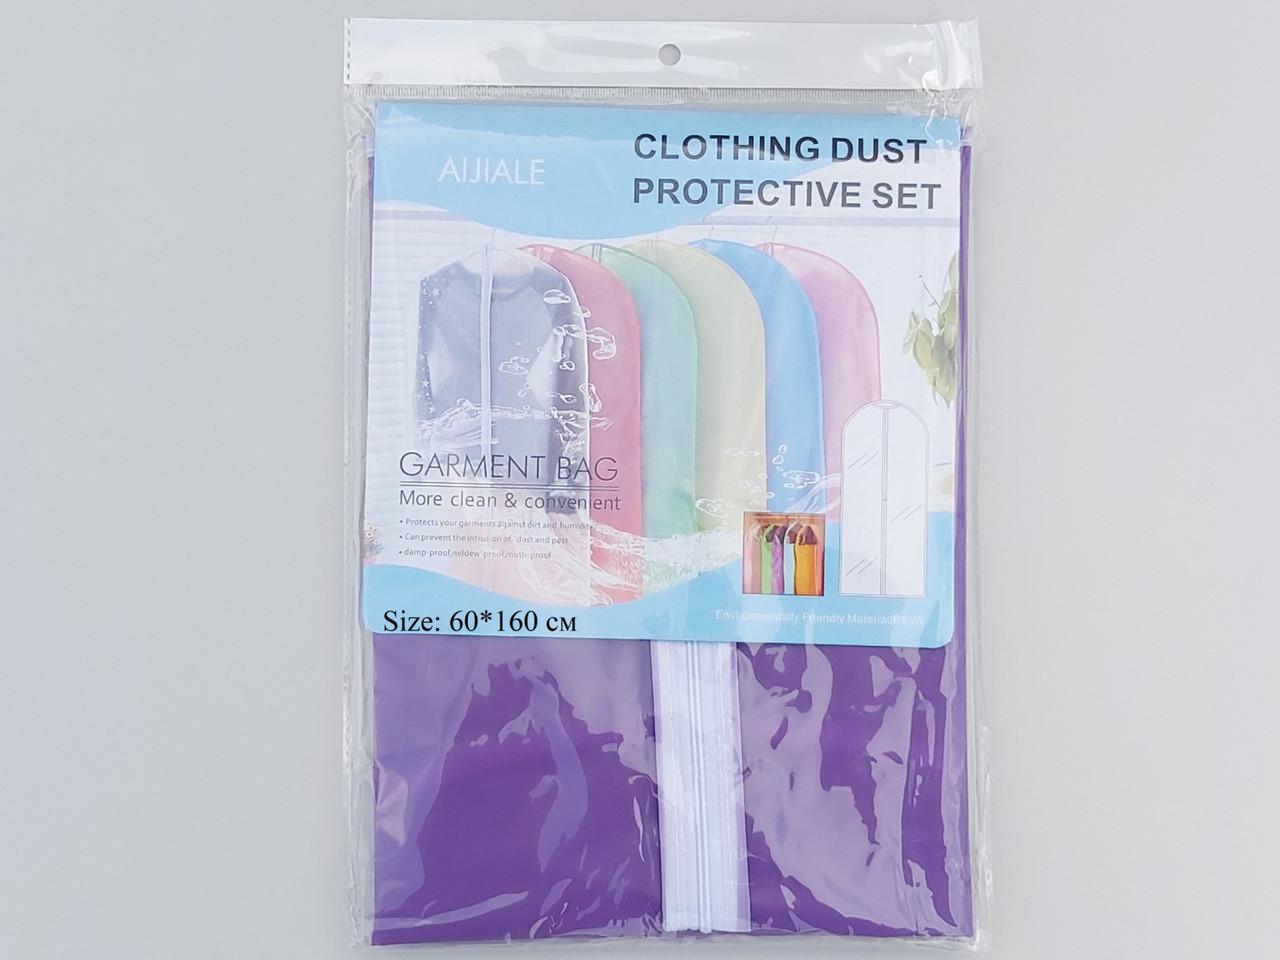 Чехол для хранения одежды из плащевки фиолетового цвета, размер 60*160 см